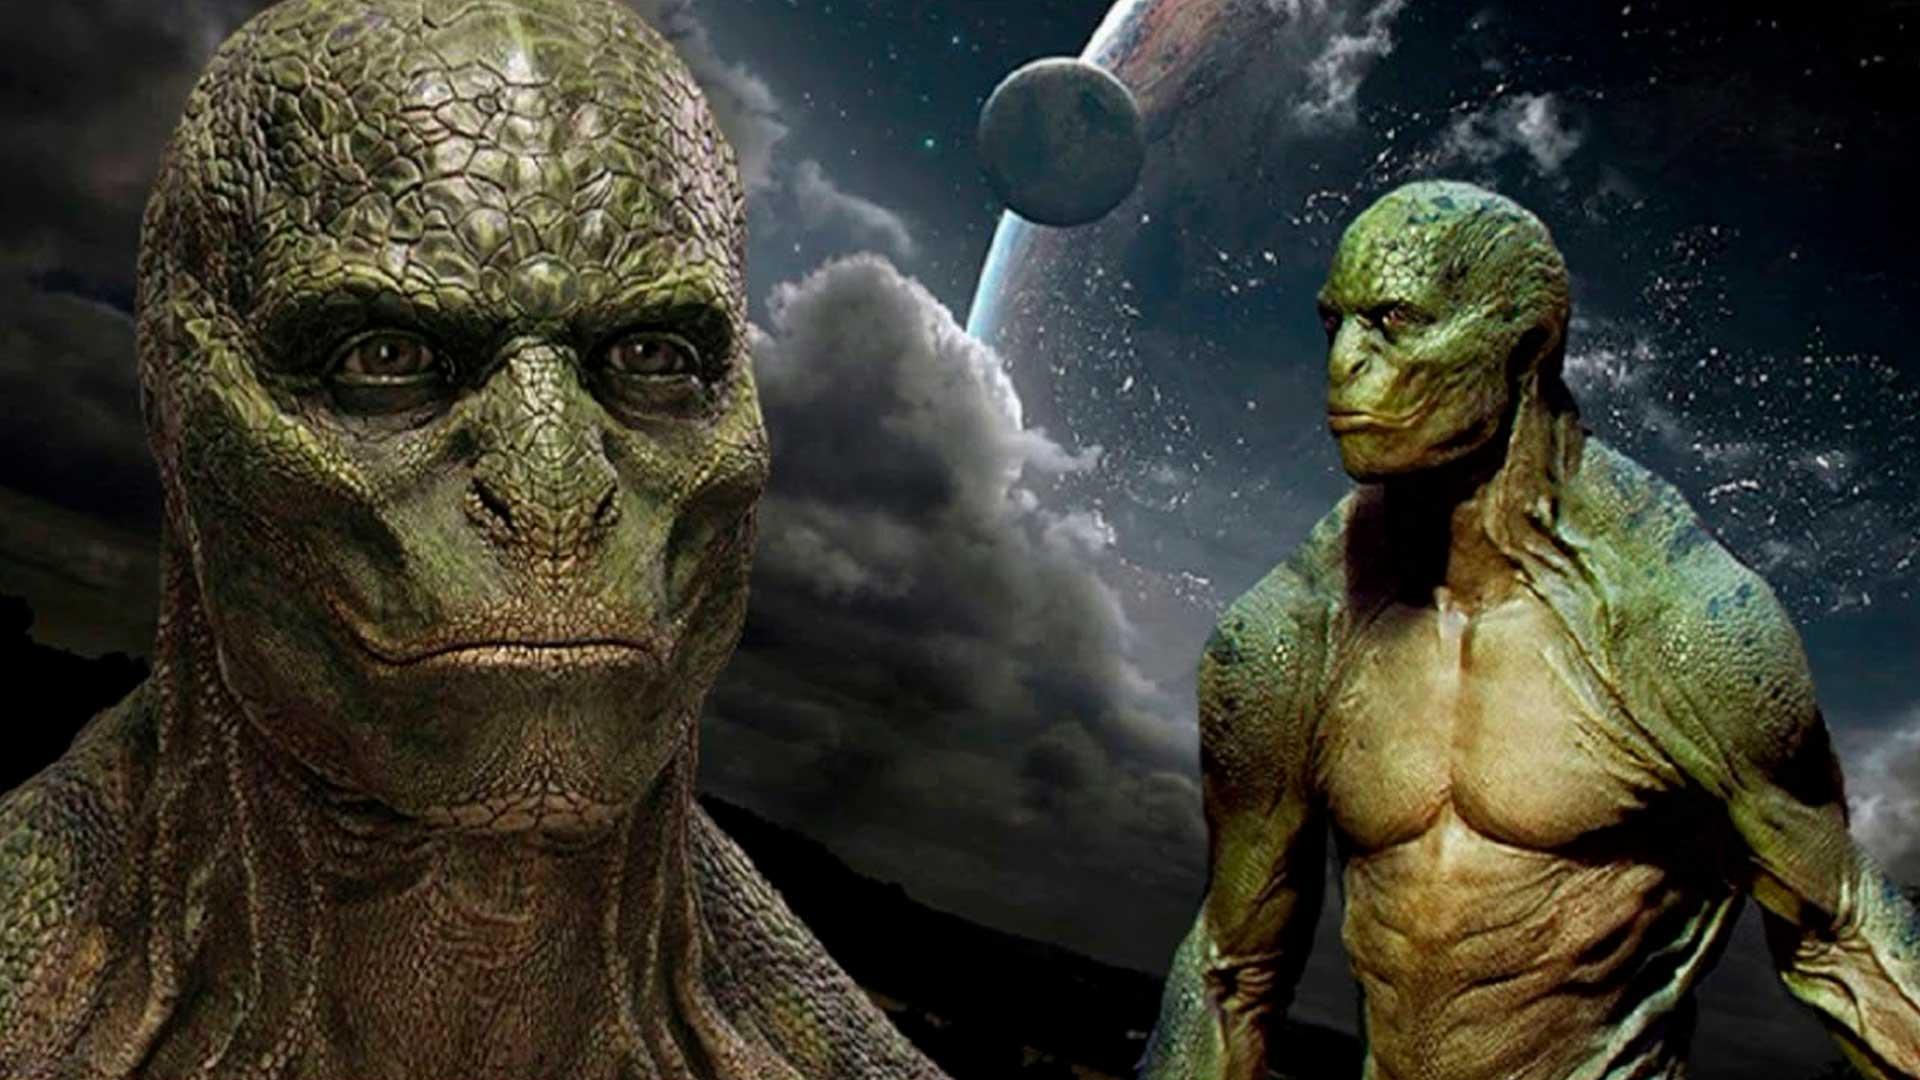 Reptilianos - O que são, de onde vieram e onde vivem